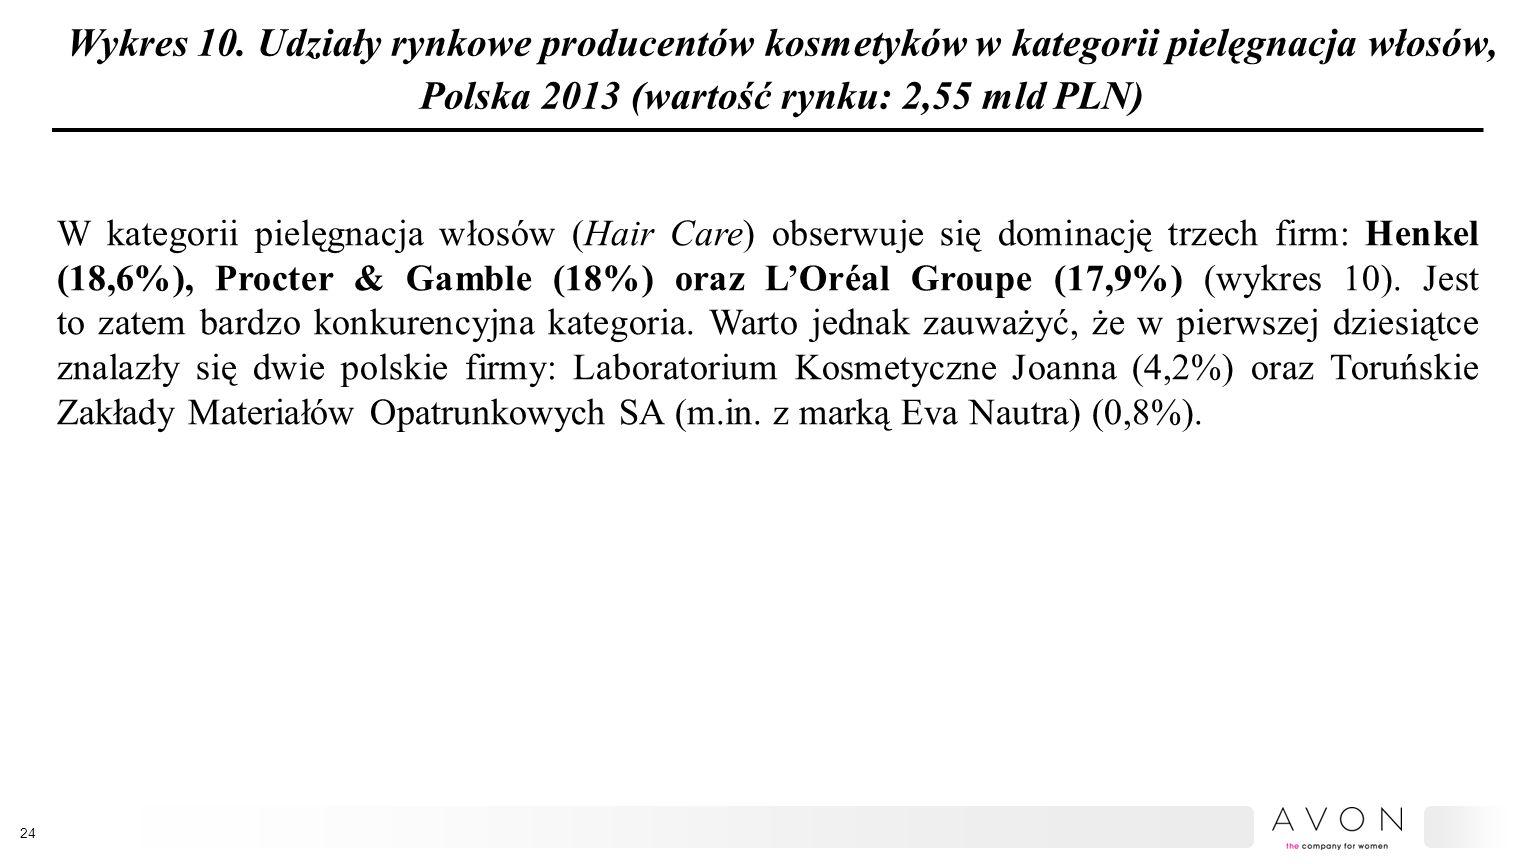 Wykres 10. Udziały rynkowe producentów kosmetyków w kategorii pielęgnacja włosów, Polska 2013 (wartość rynku: 2,55 mld PLN)